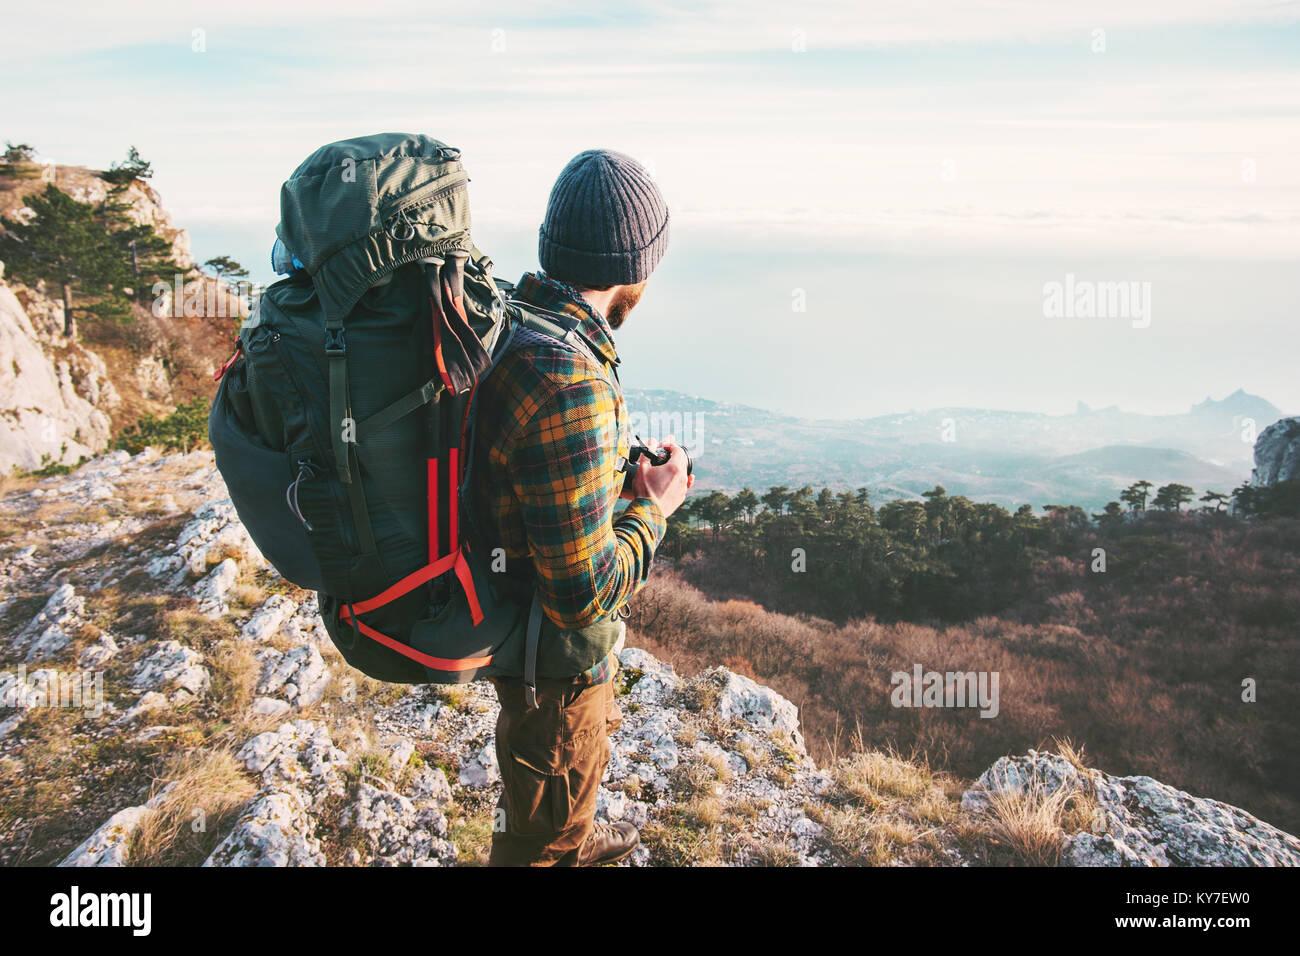 L'homme voyageur avec sac à dos randonnée montagne Vie Voyage aventure concept réussite active Photo Stock